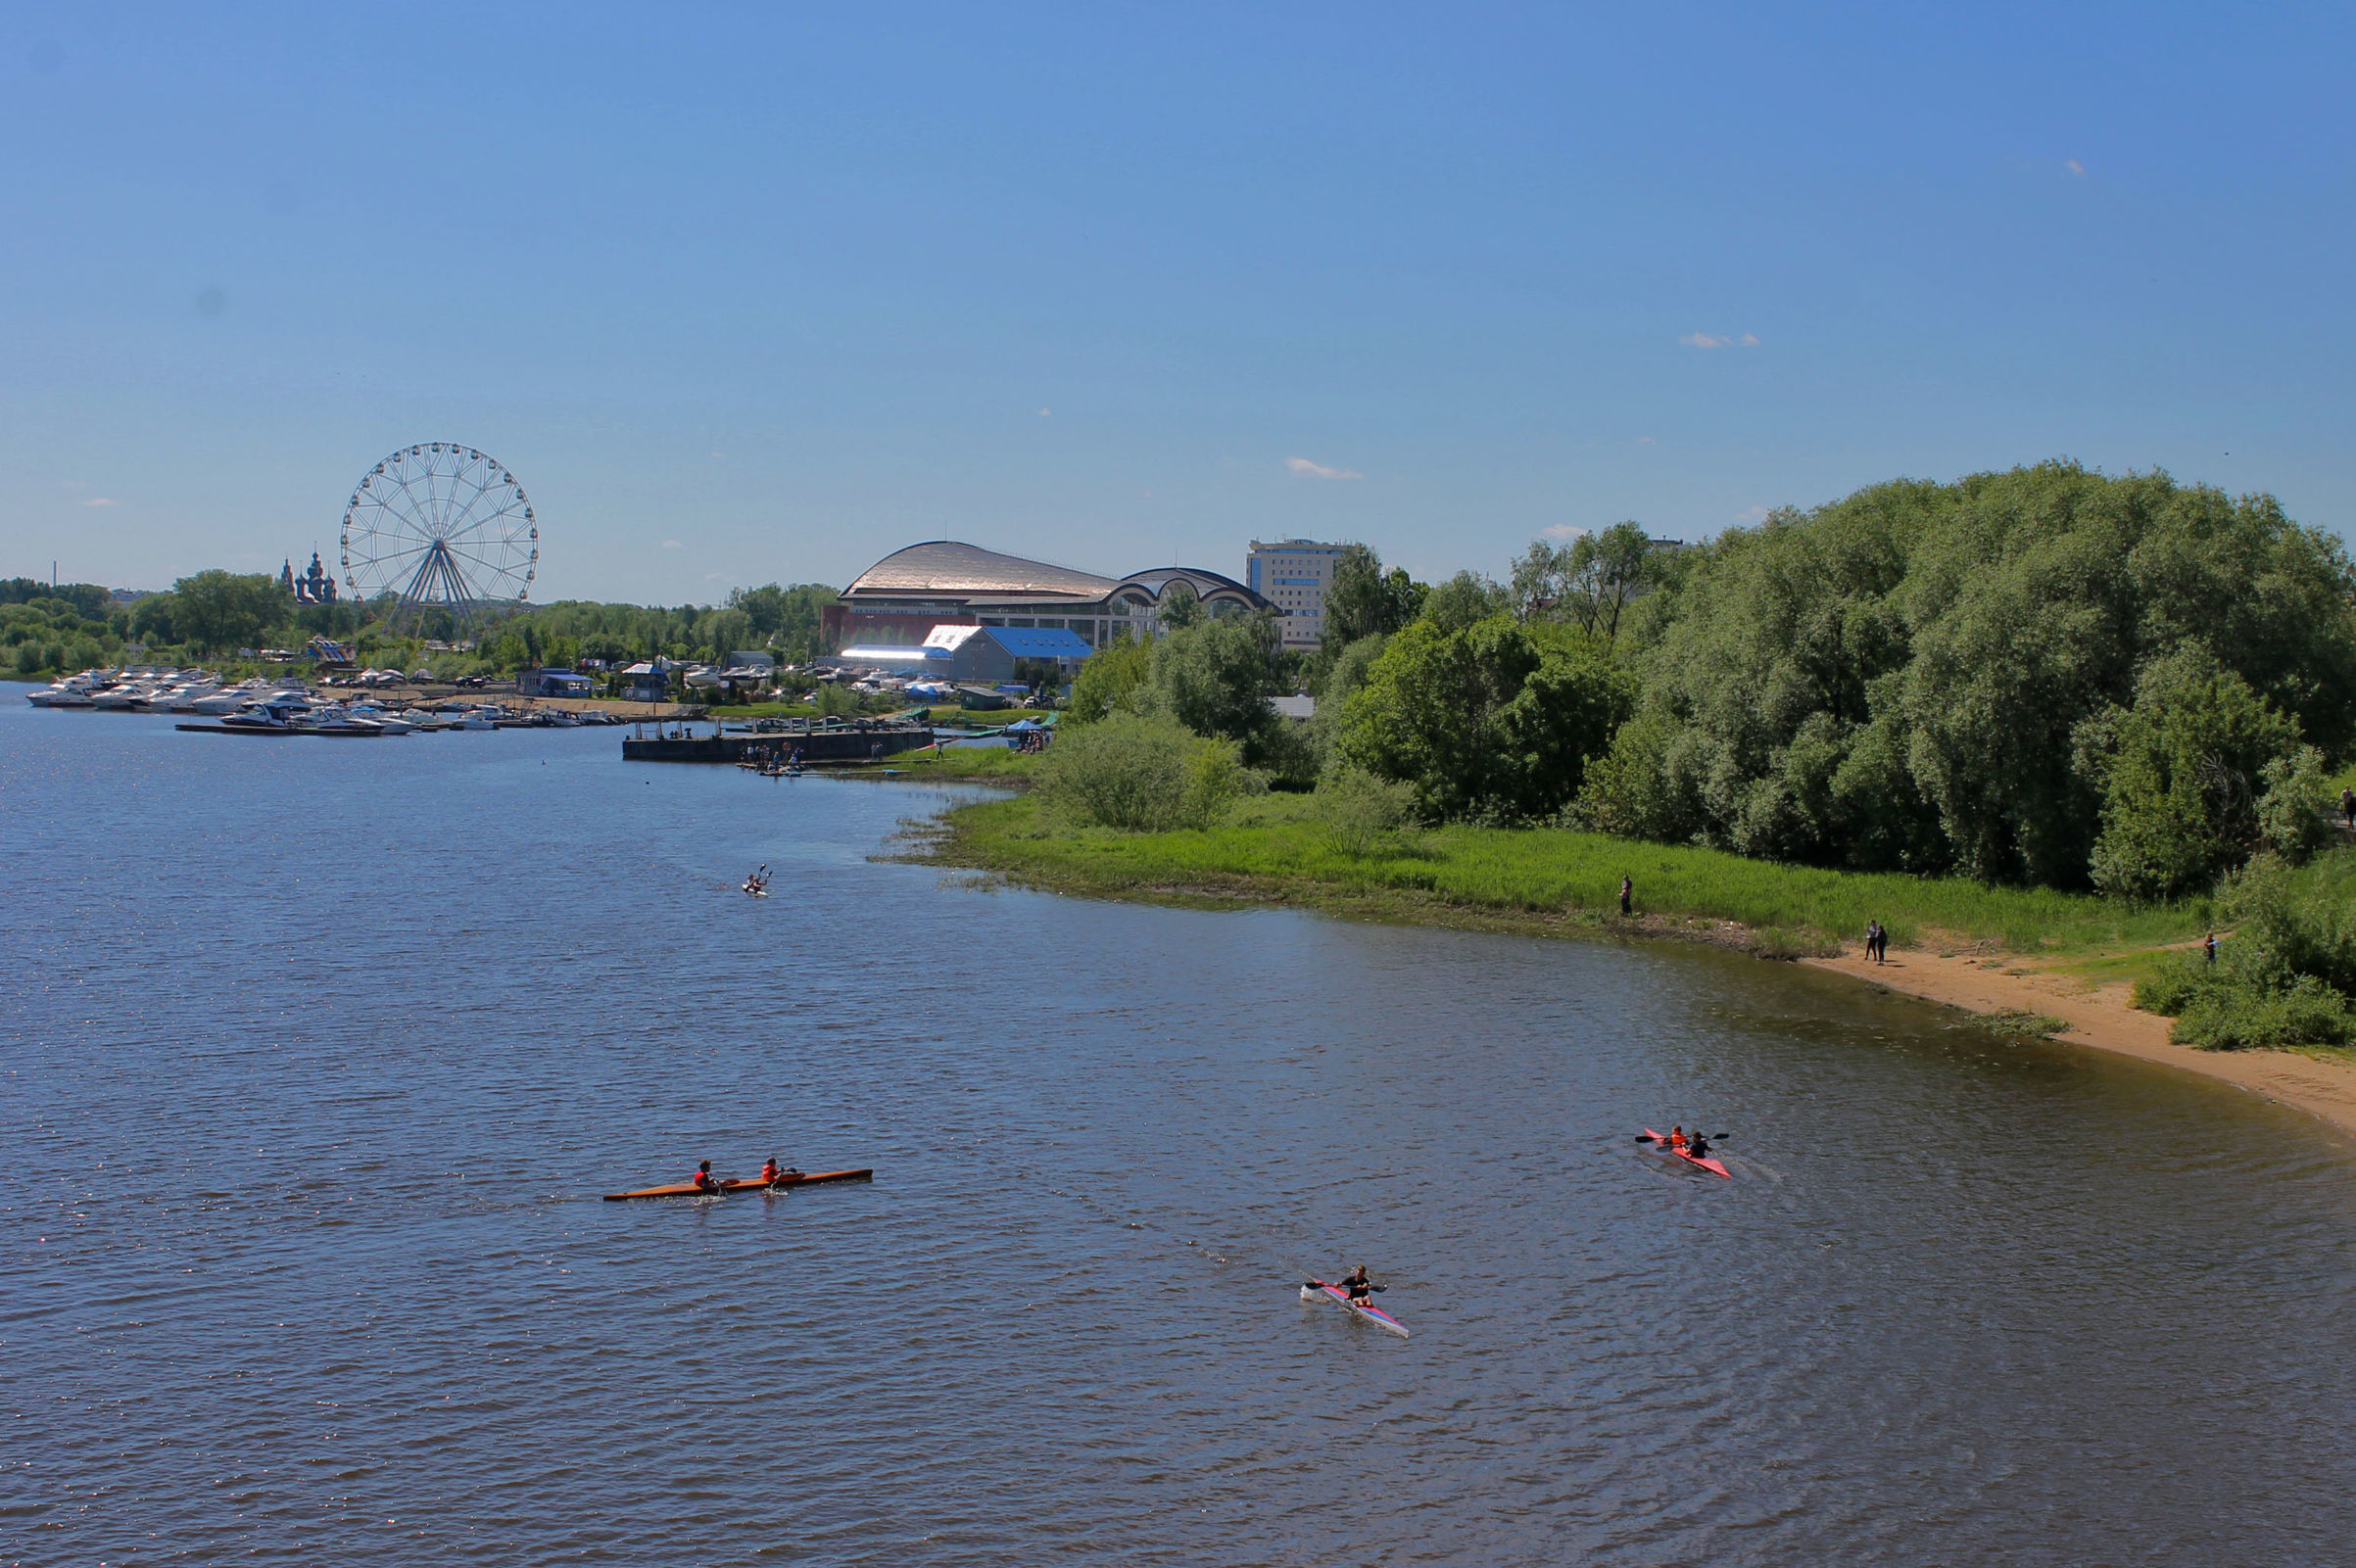 Ярославцам предлагают присоединиться ко Всероссийскому экологическому диктанту